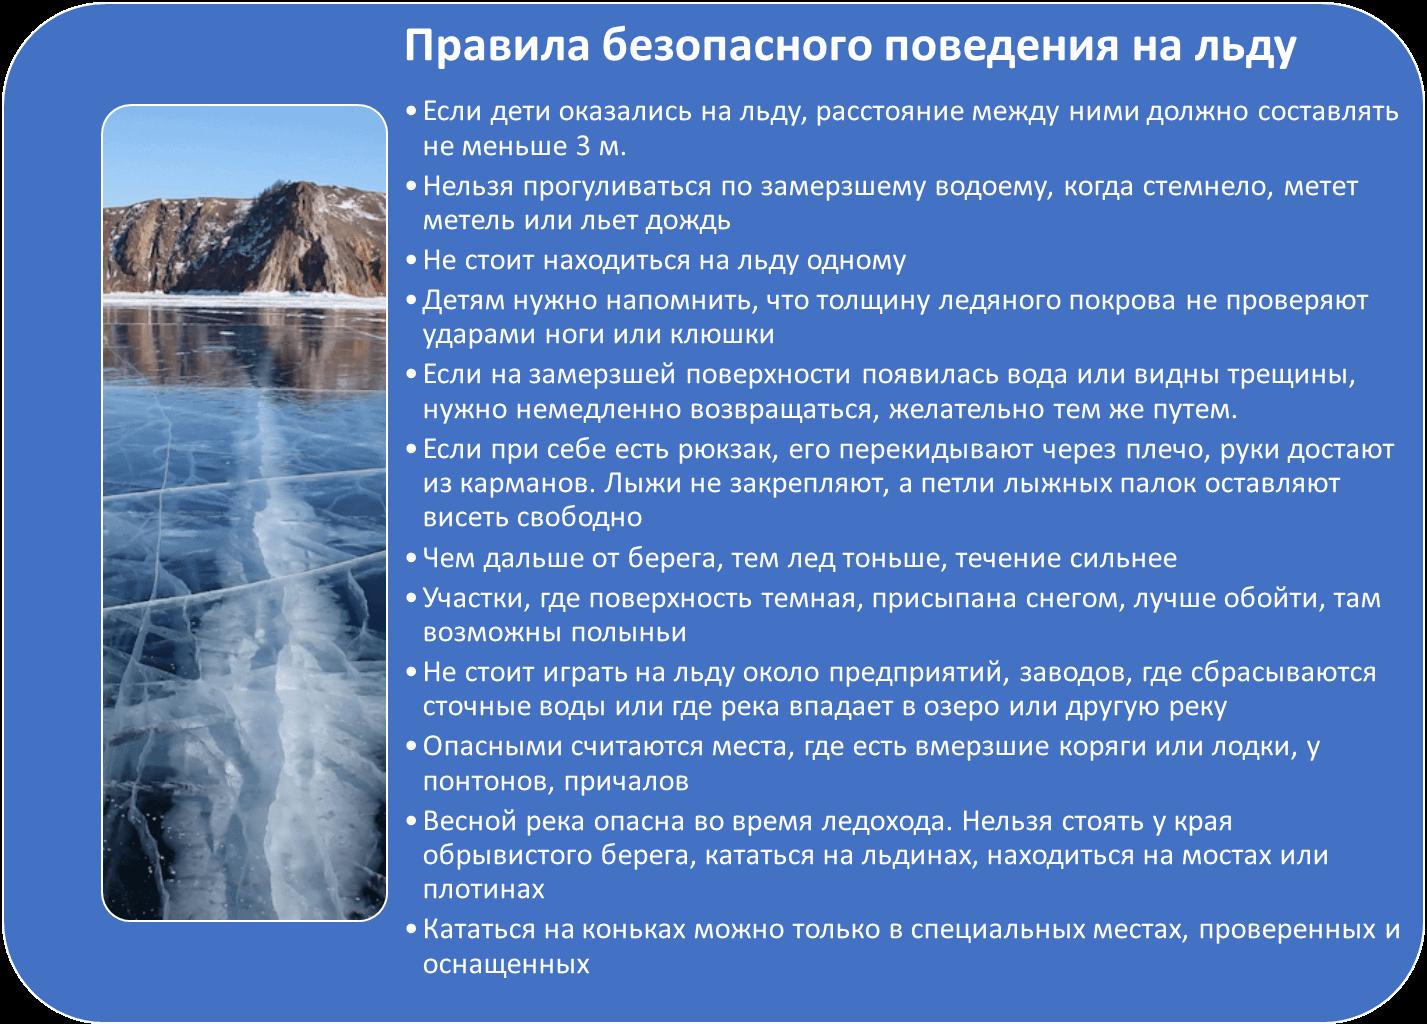 Памятка безопасного поведения детей на льду